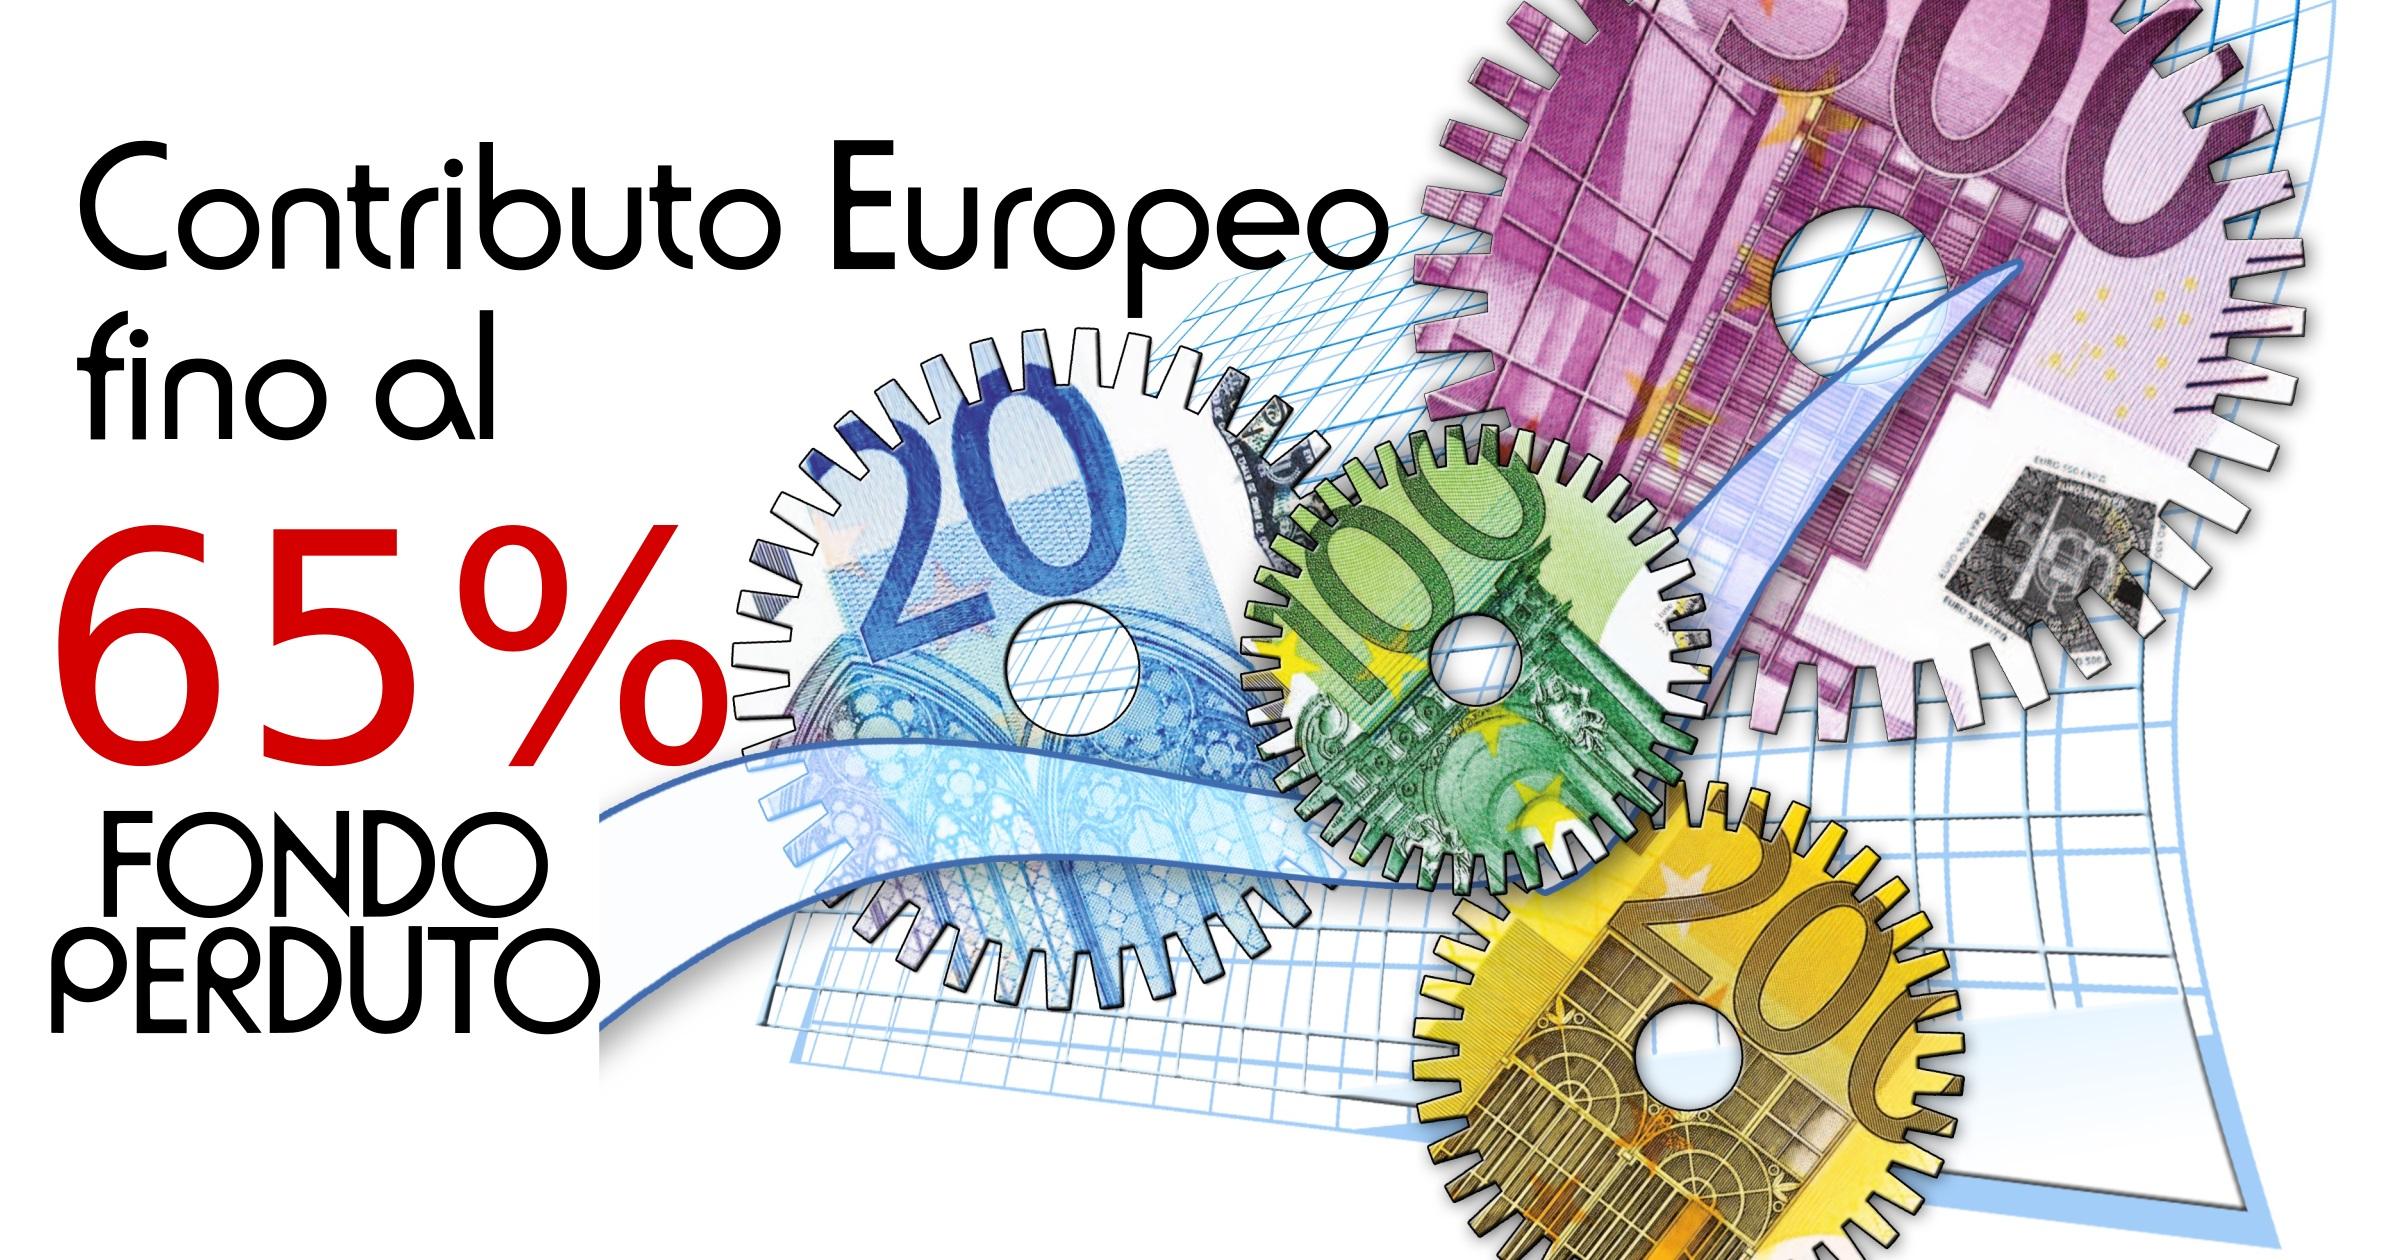 Contributo Europeo adeguamento strutture alle normative di sicurezza